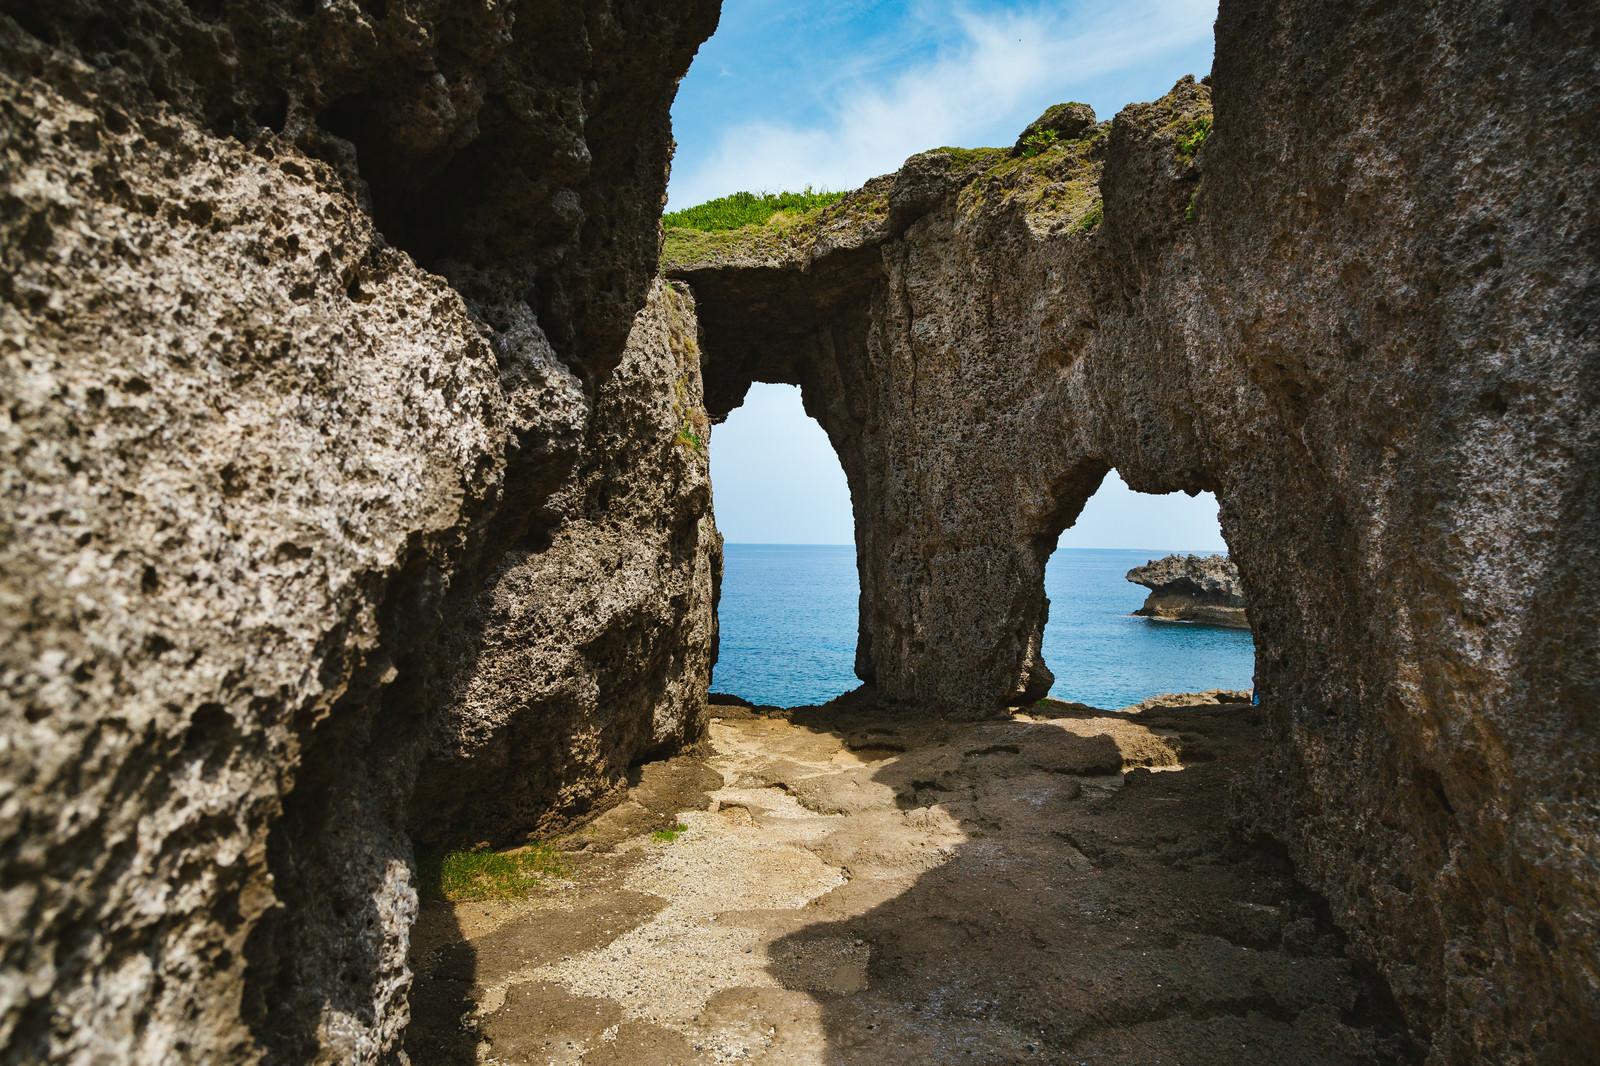 「犬の門蓋(いんのじょうふた)メガネ岩」の写真